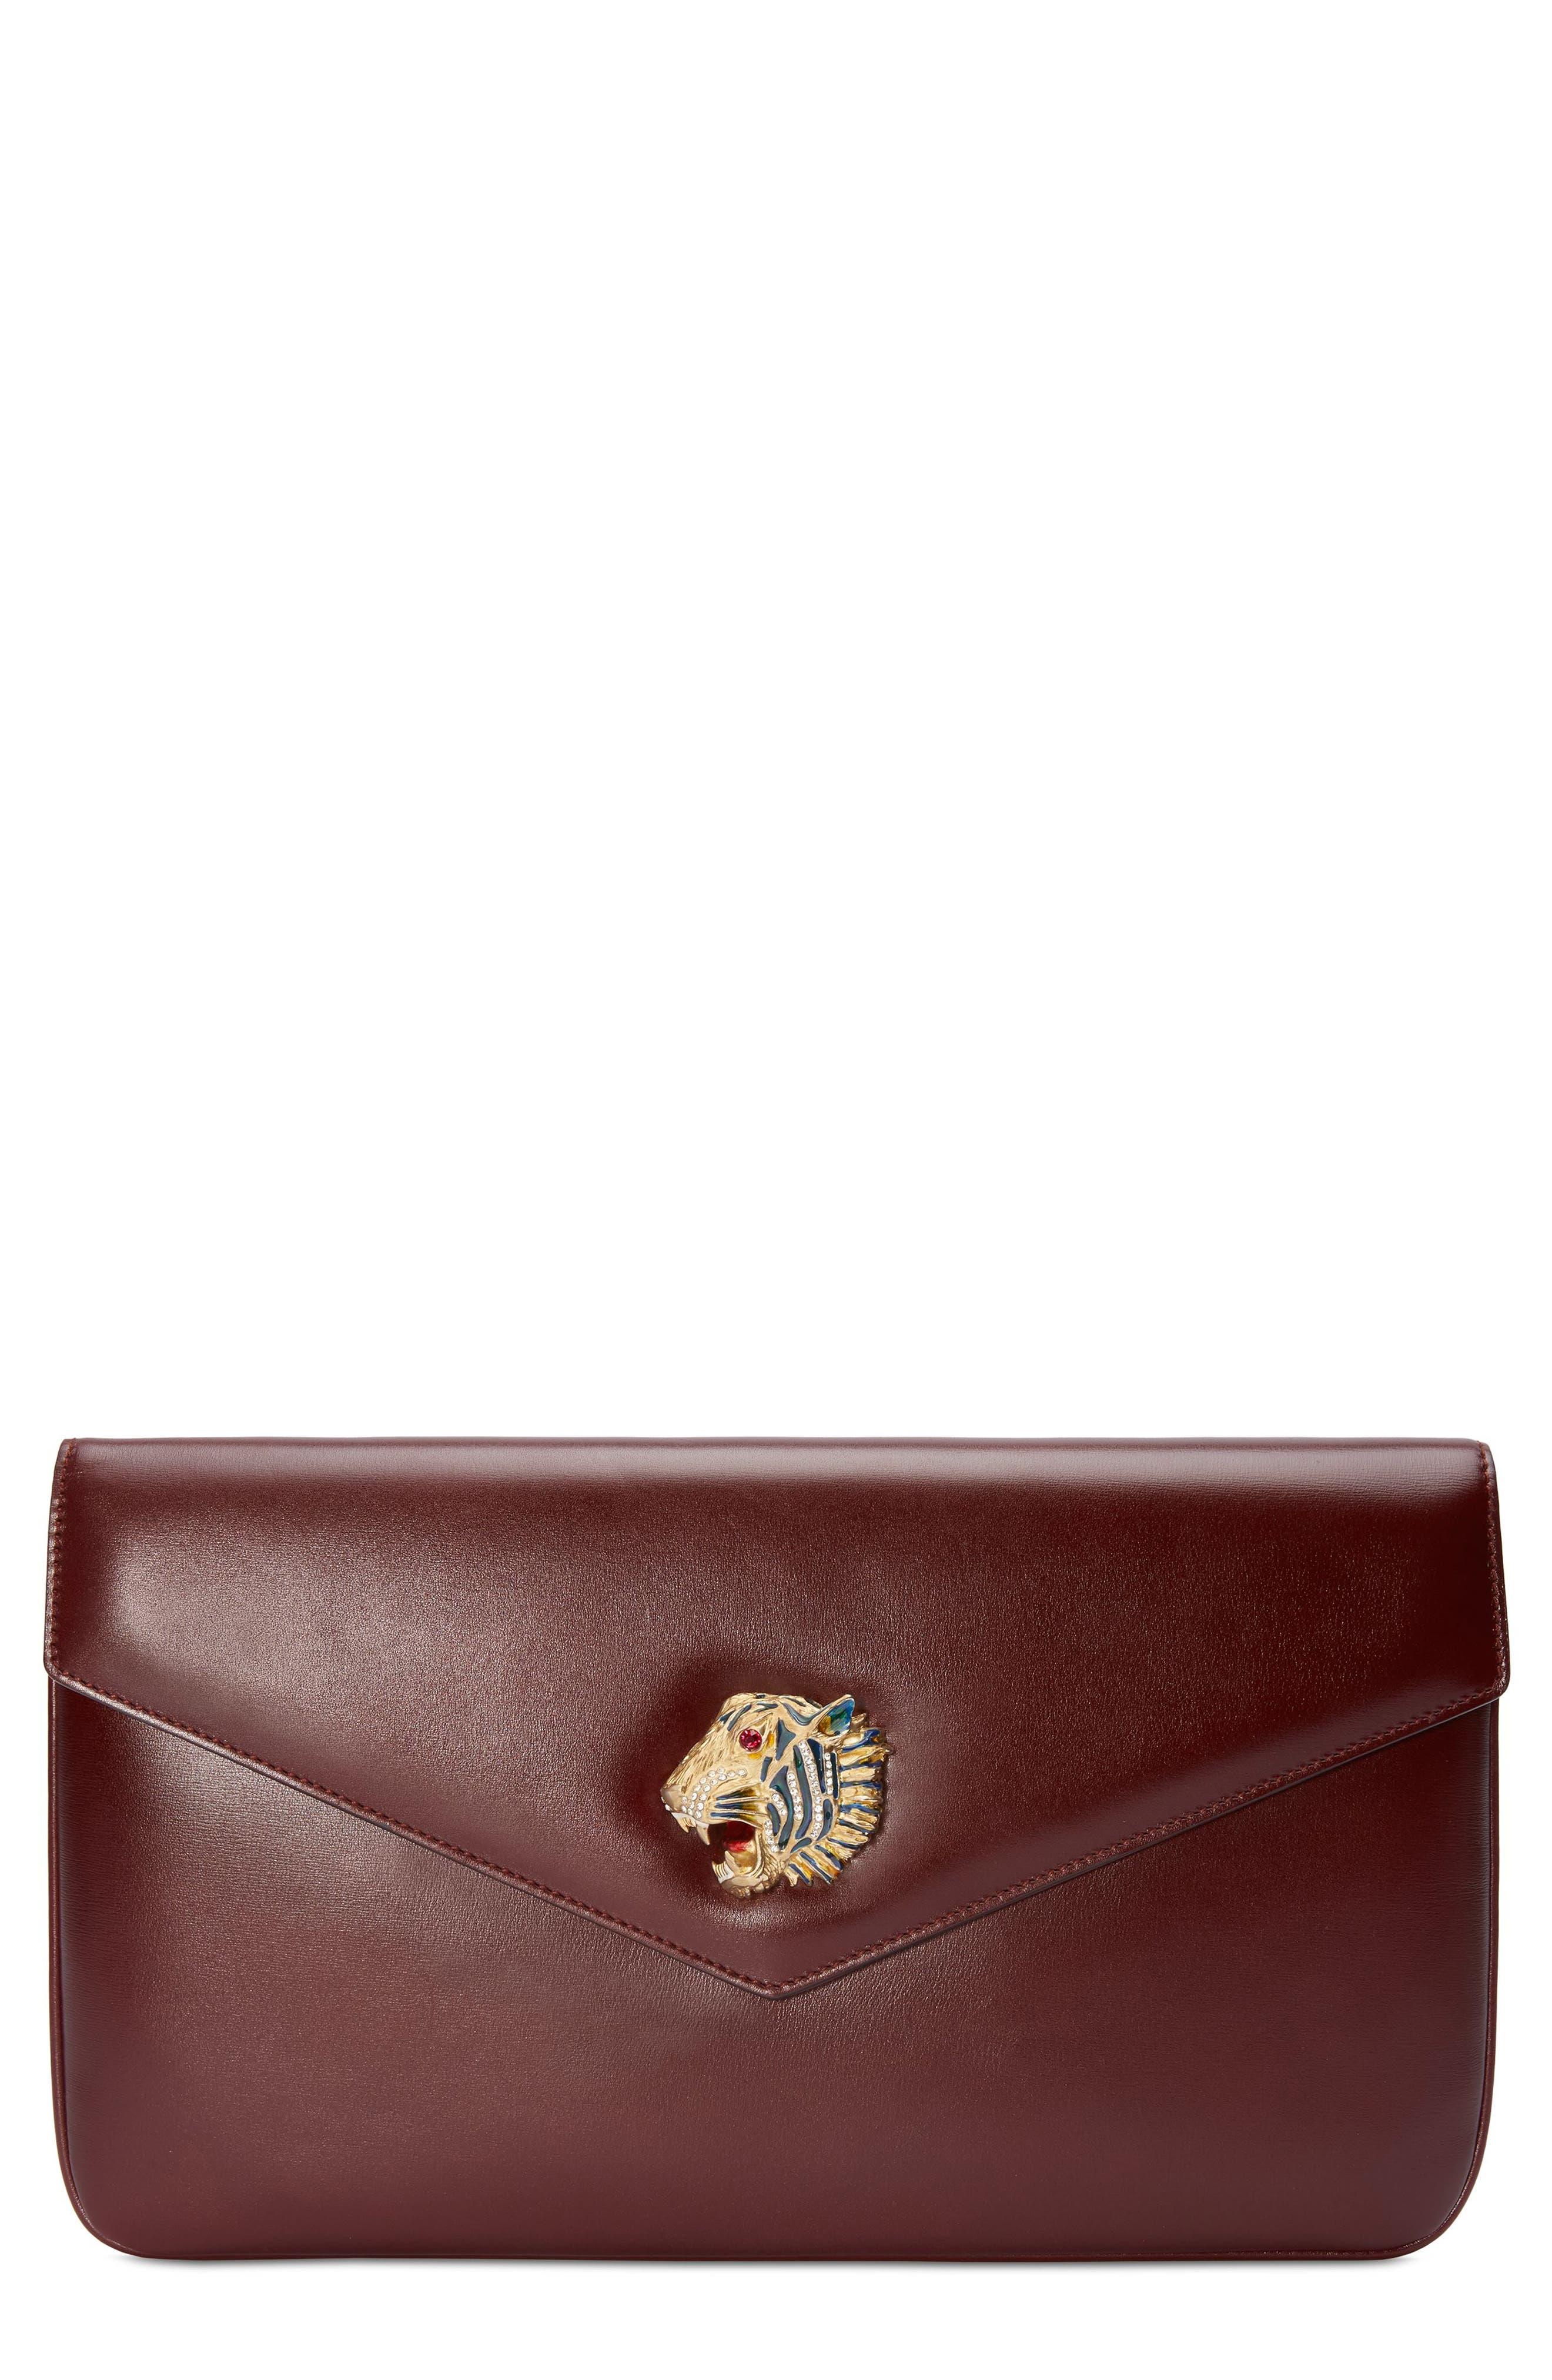 Linea Rajah Leather Clutch,                         Main,                         color, VINTAGE BORDEAUX MULTI